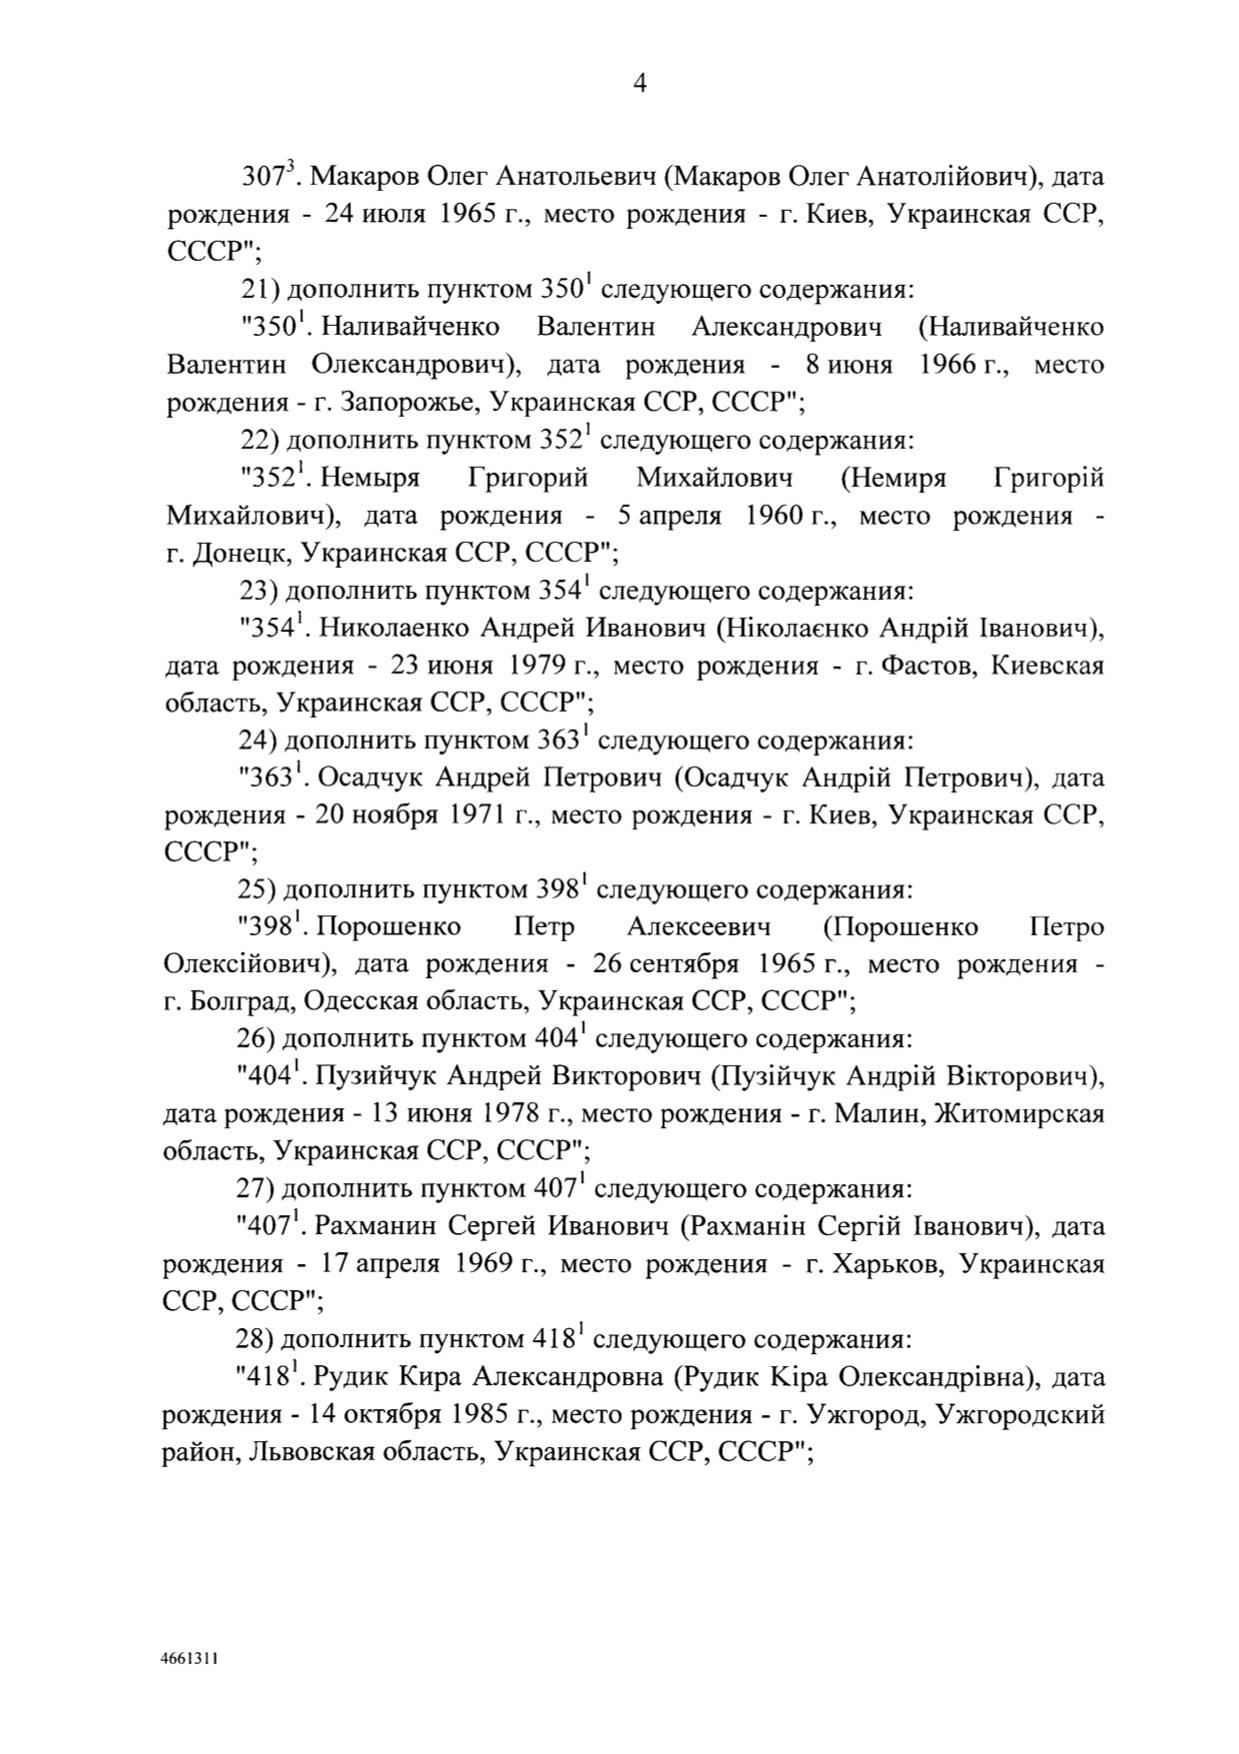 Постановление правительства РФ о санкциях против граждан Украины